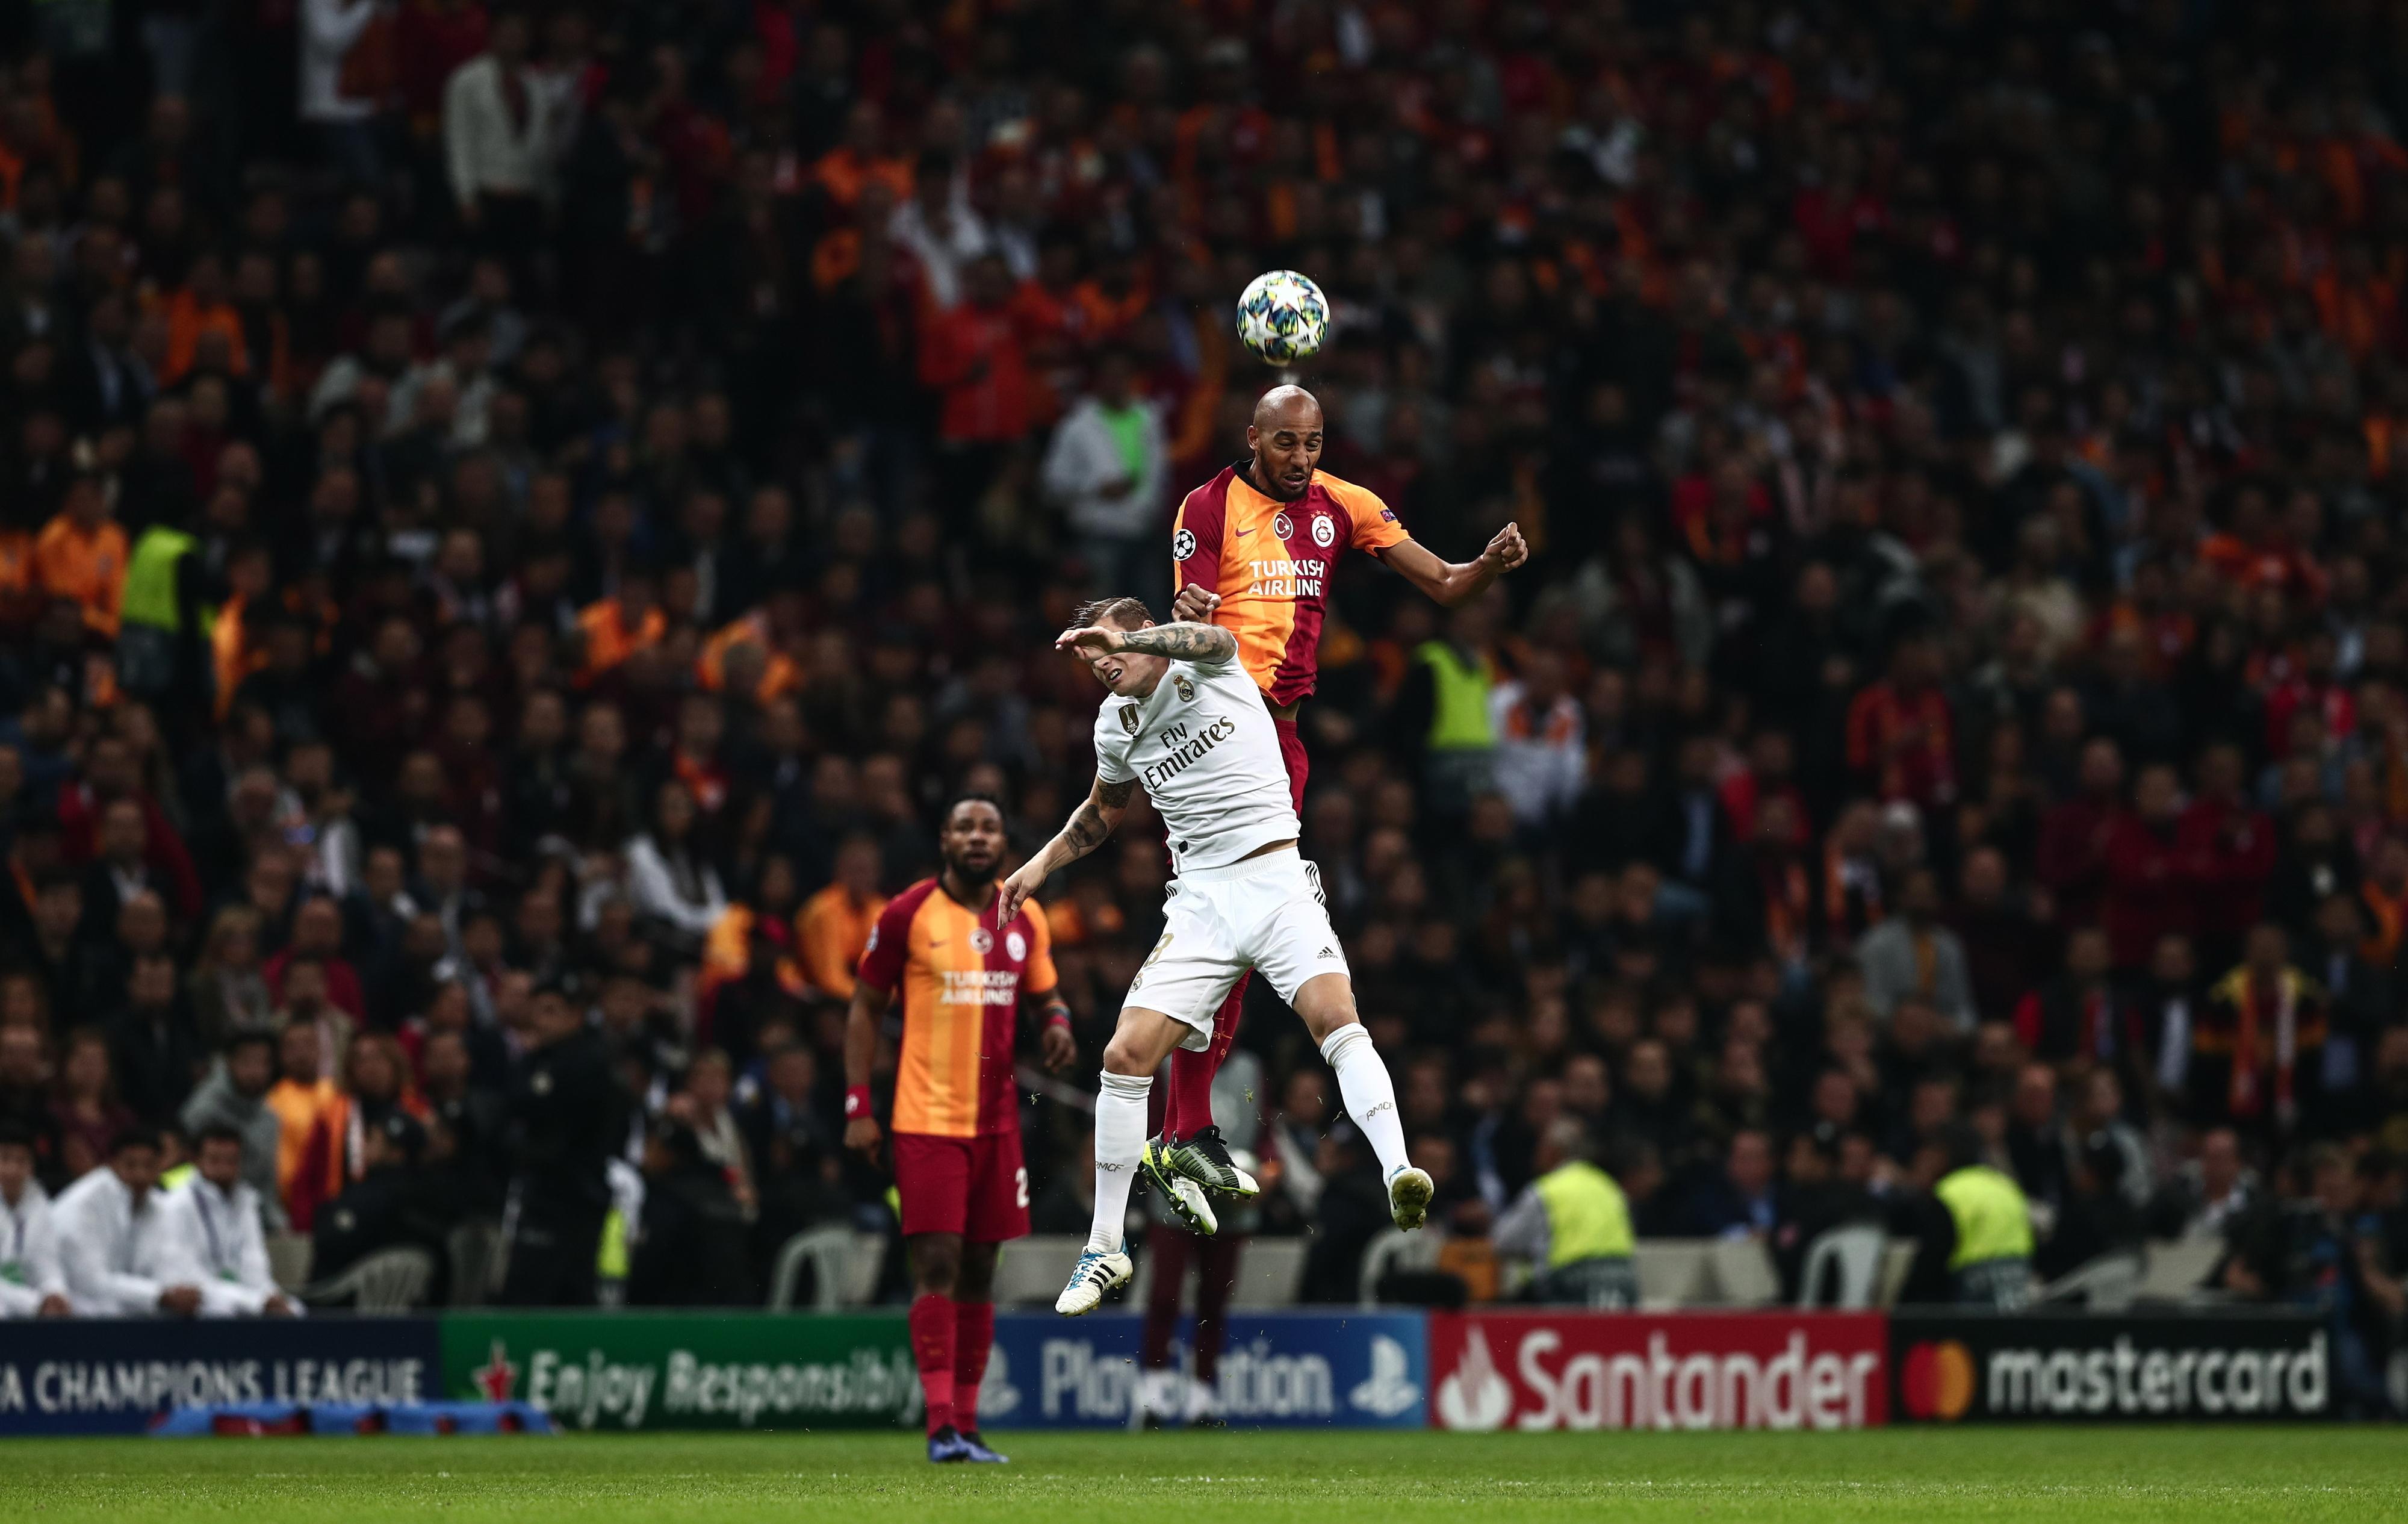 Futebolista Steven Nzonzi suspenso pelo Galatasaray por comportamento inapropriado